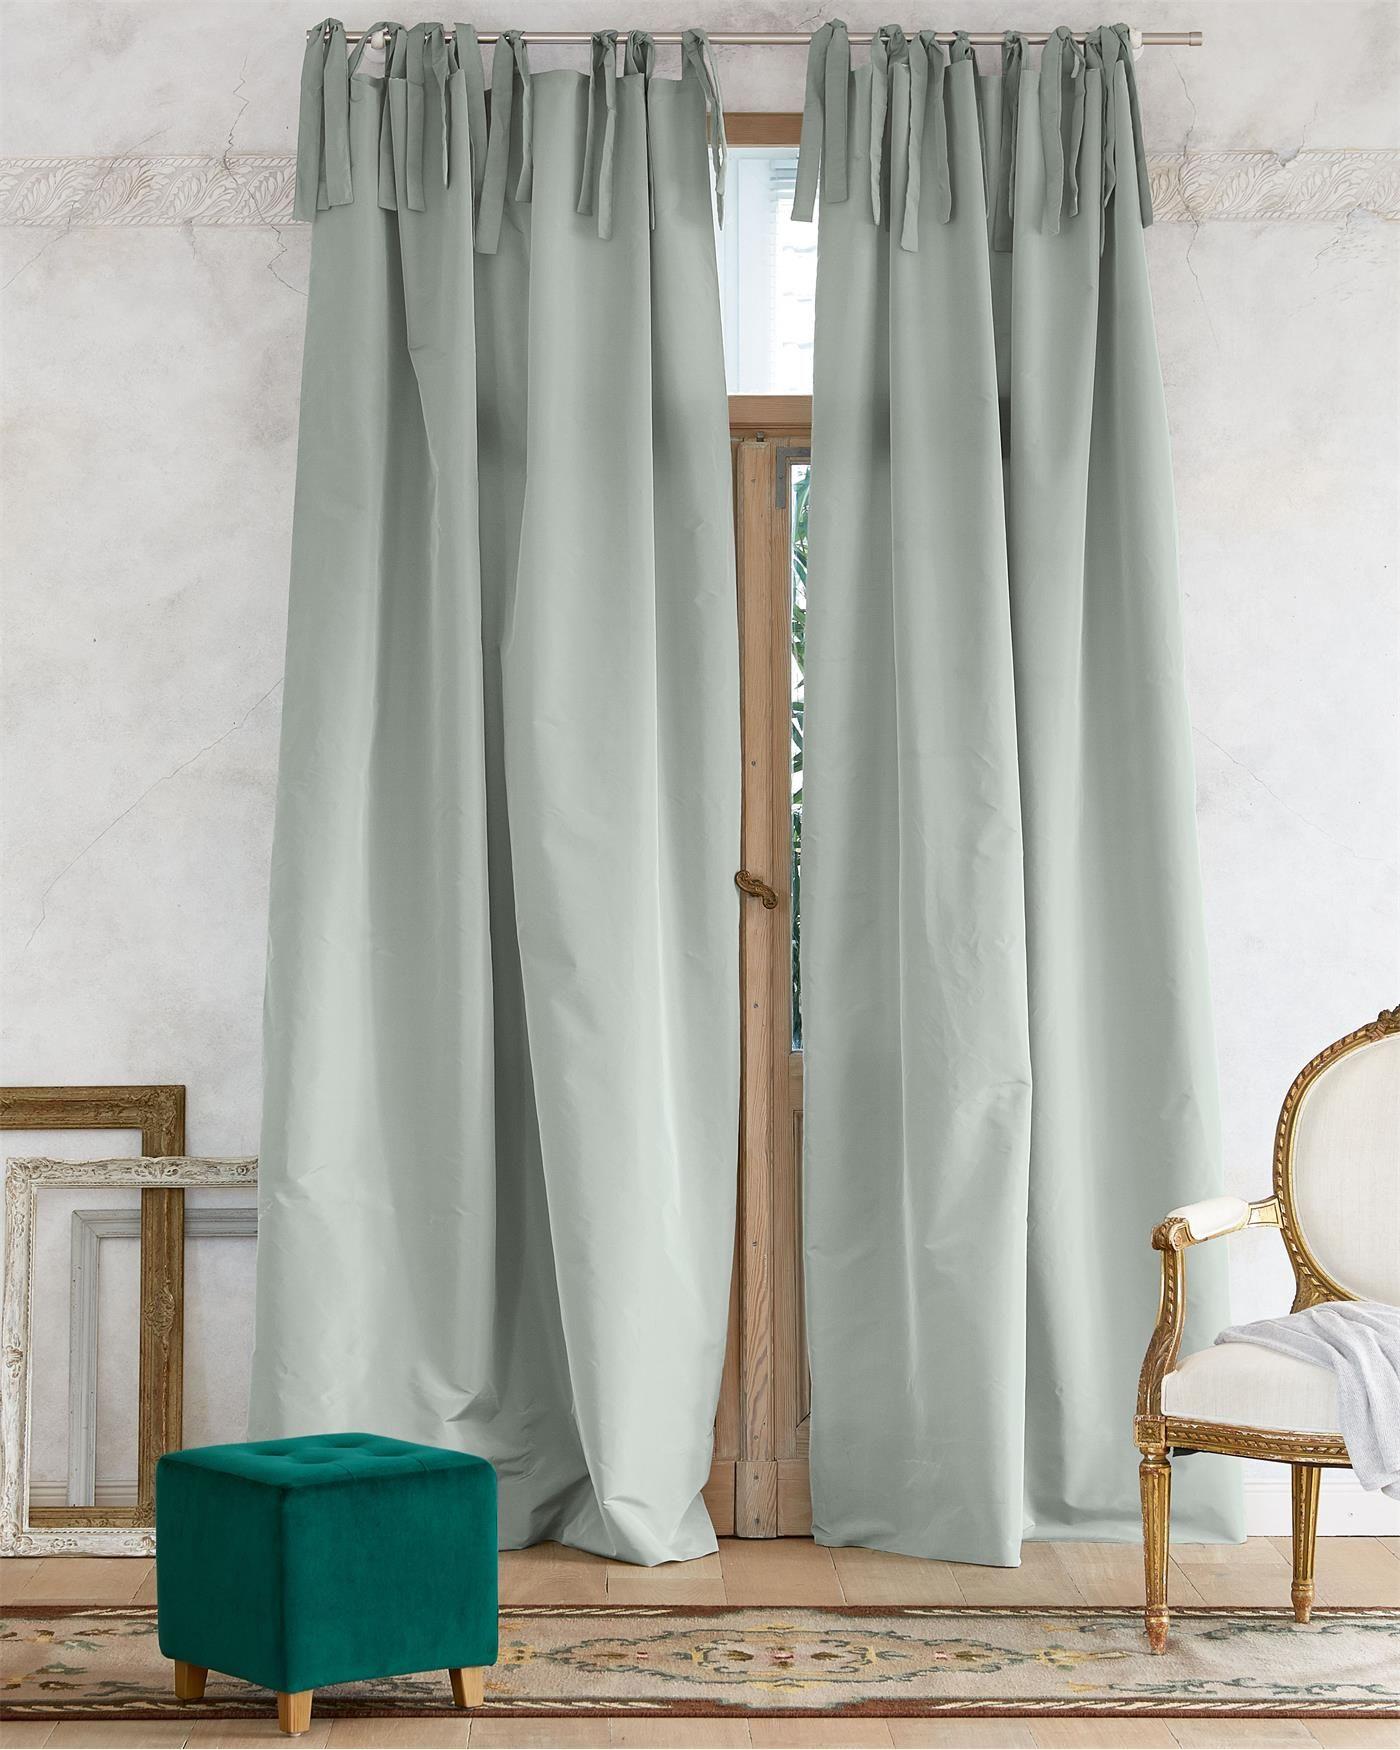 Vossberg De vorhang water faux silk finden sie auf vossberg de deko